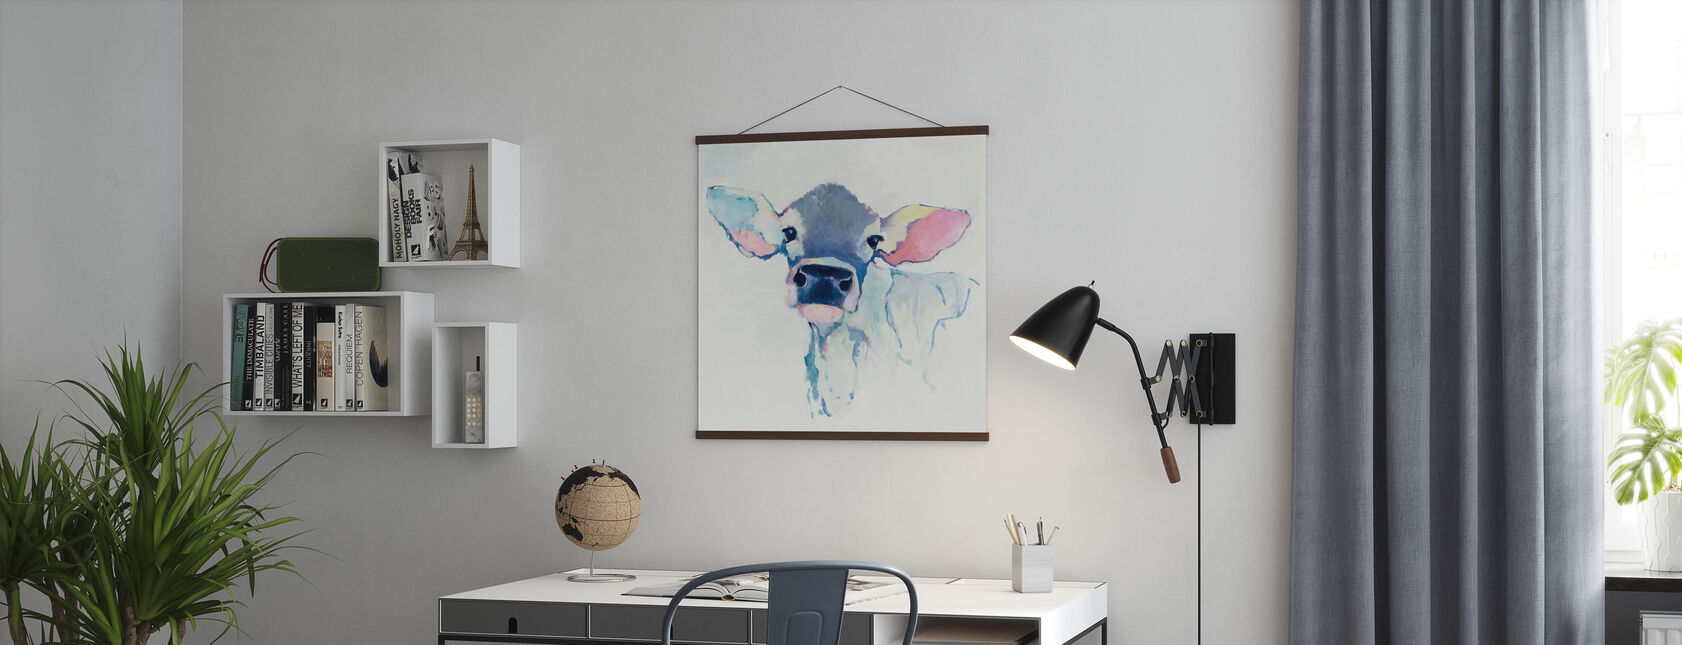 Vesiväri lehmä - Juliste - Toimisto